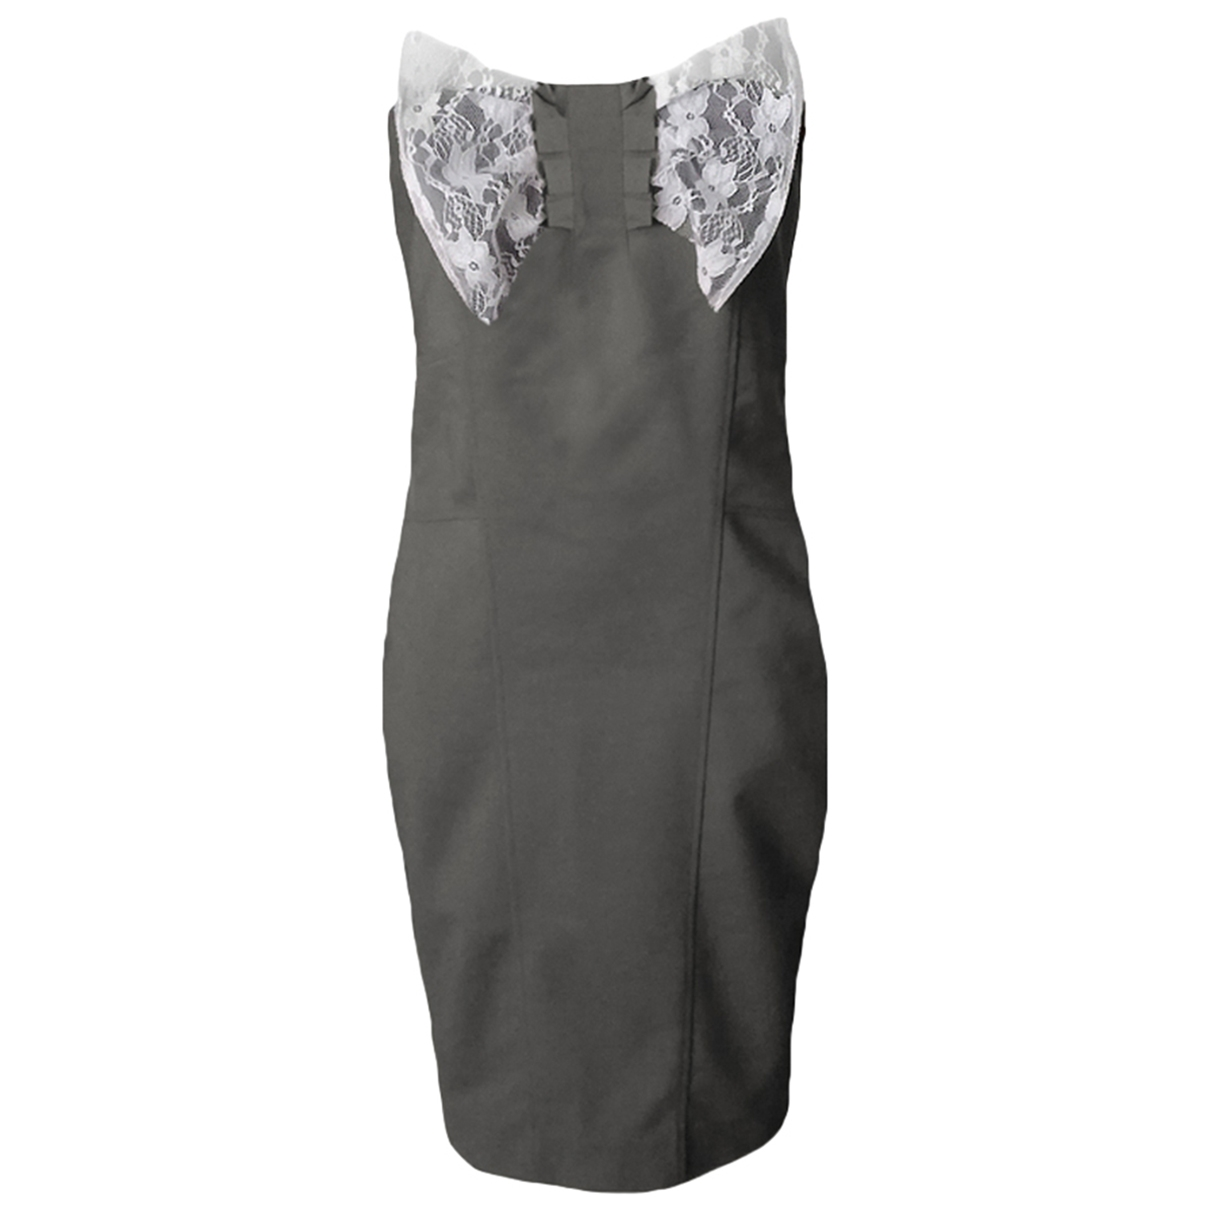 Patrizia Pepe \N Beige Cotton dress for Women 44 IT